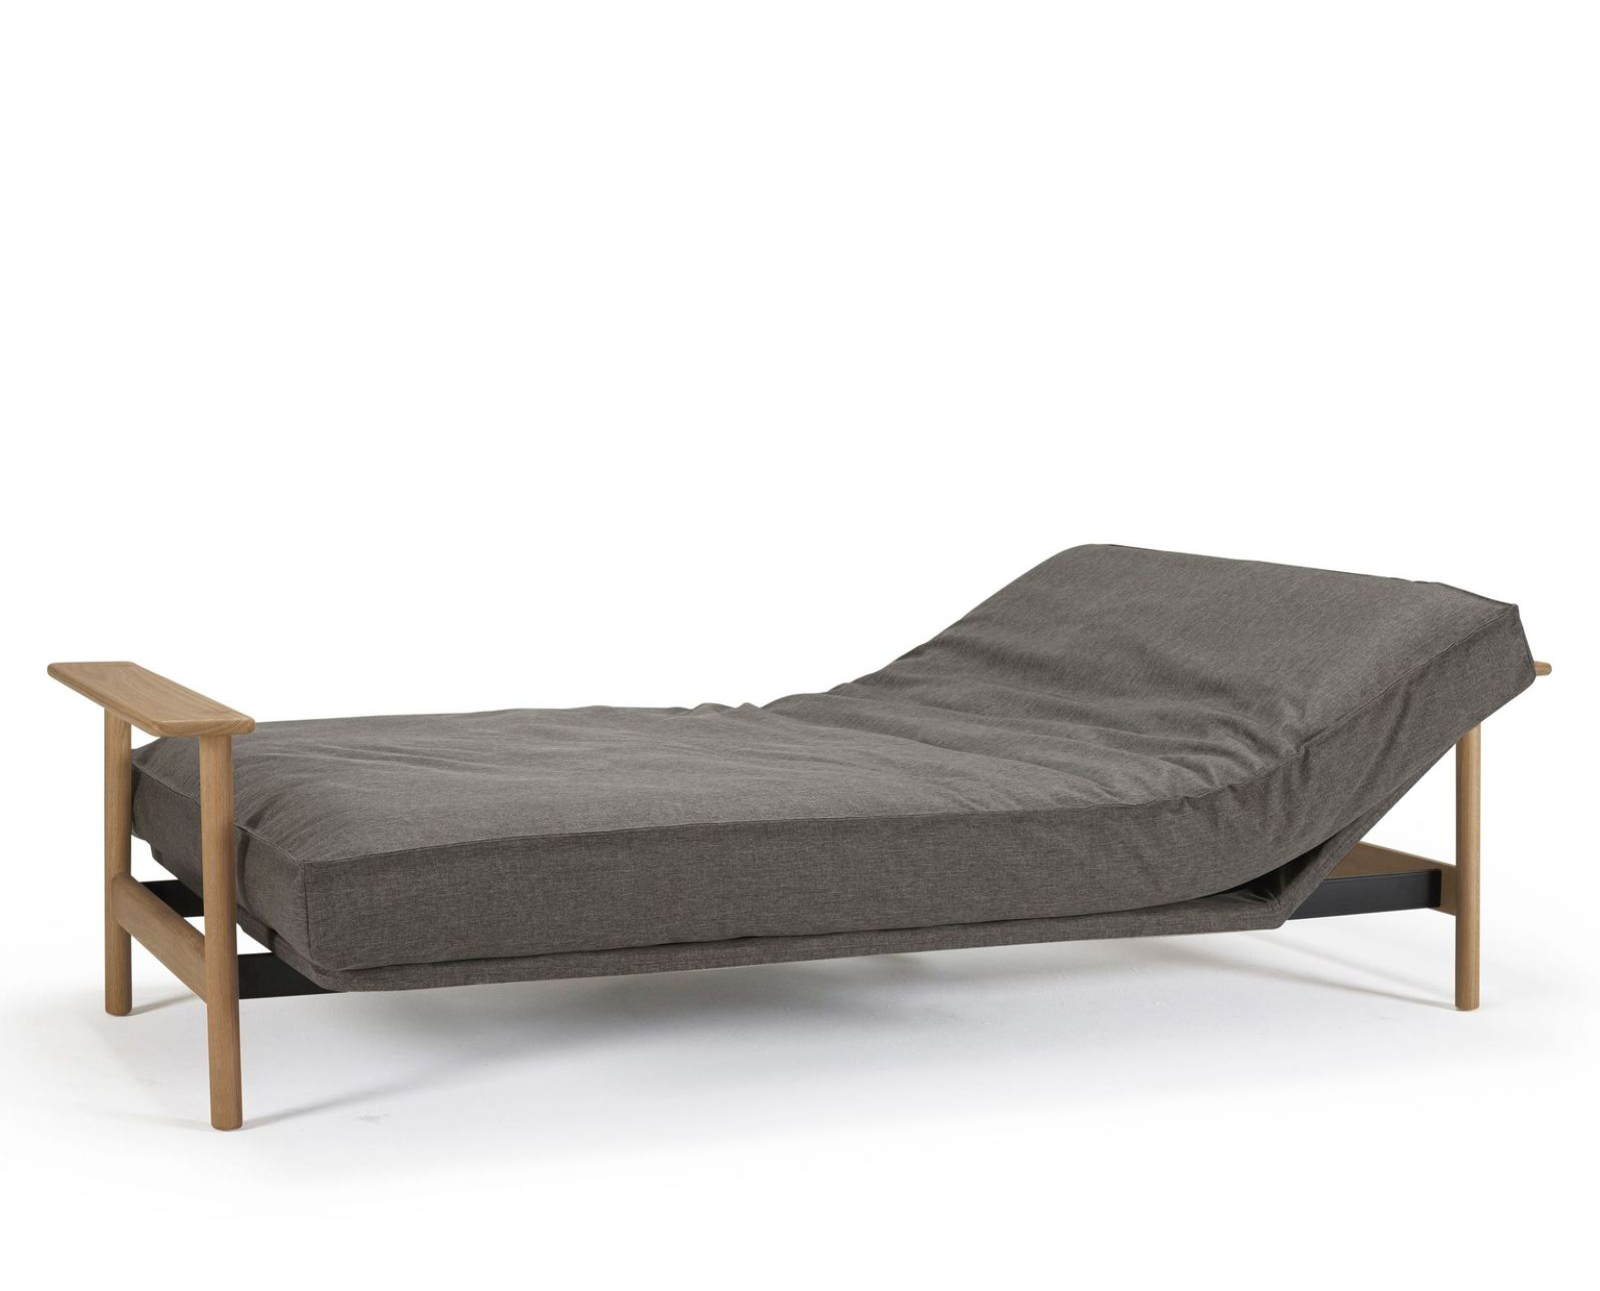 Beeindruckend Schlafcouch 140x200 Referenz Von Die Cm Große Liegefläche Mit Verstellbarem Kopfteil